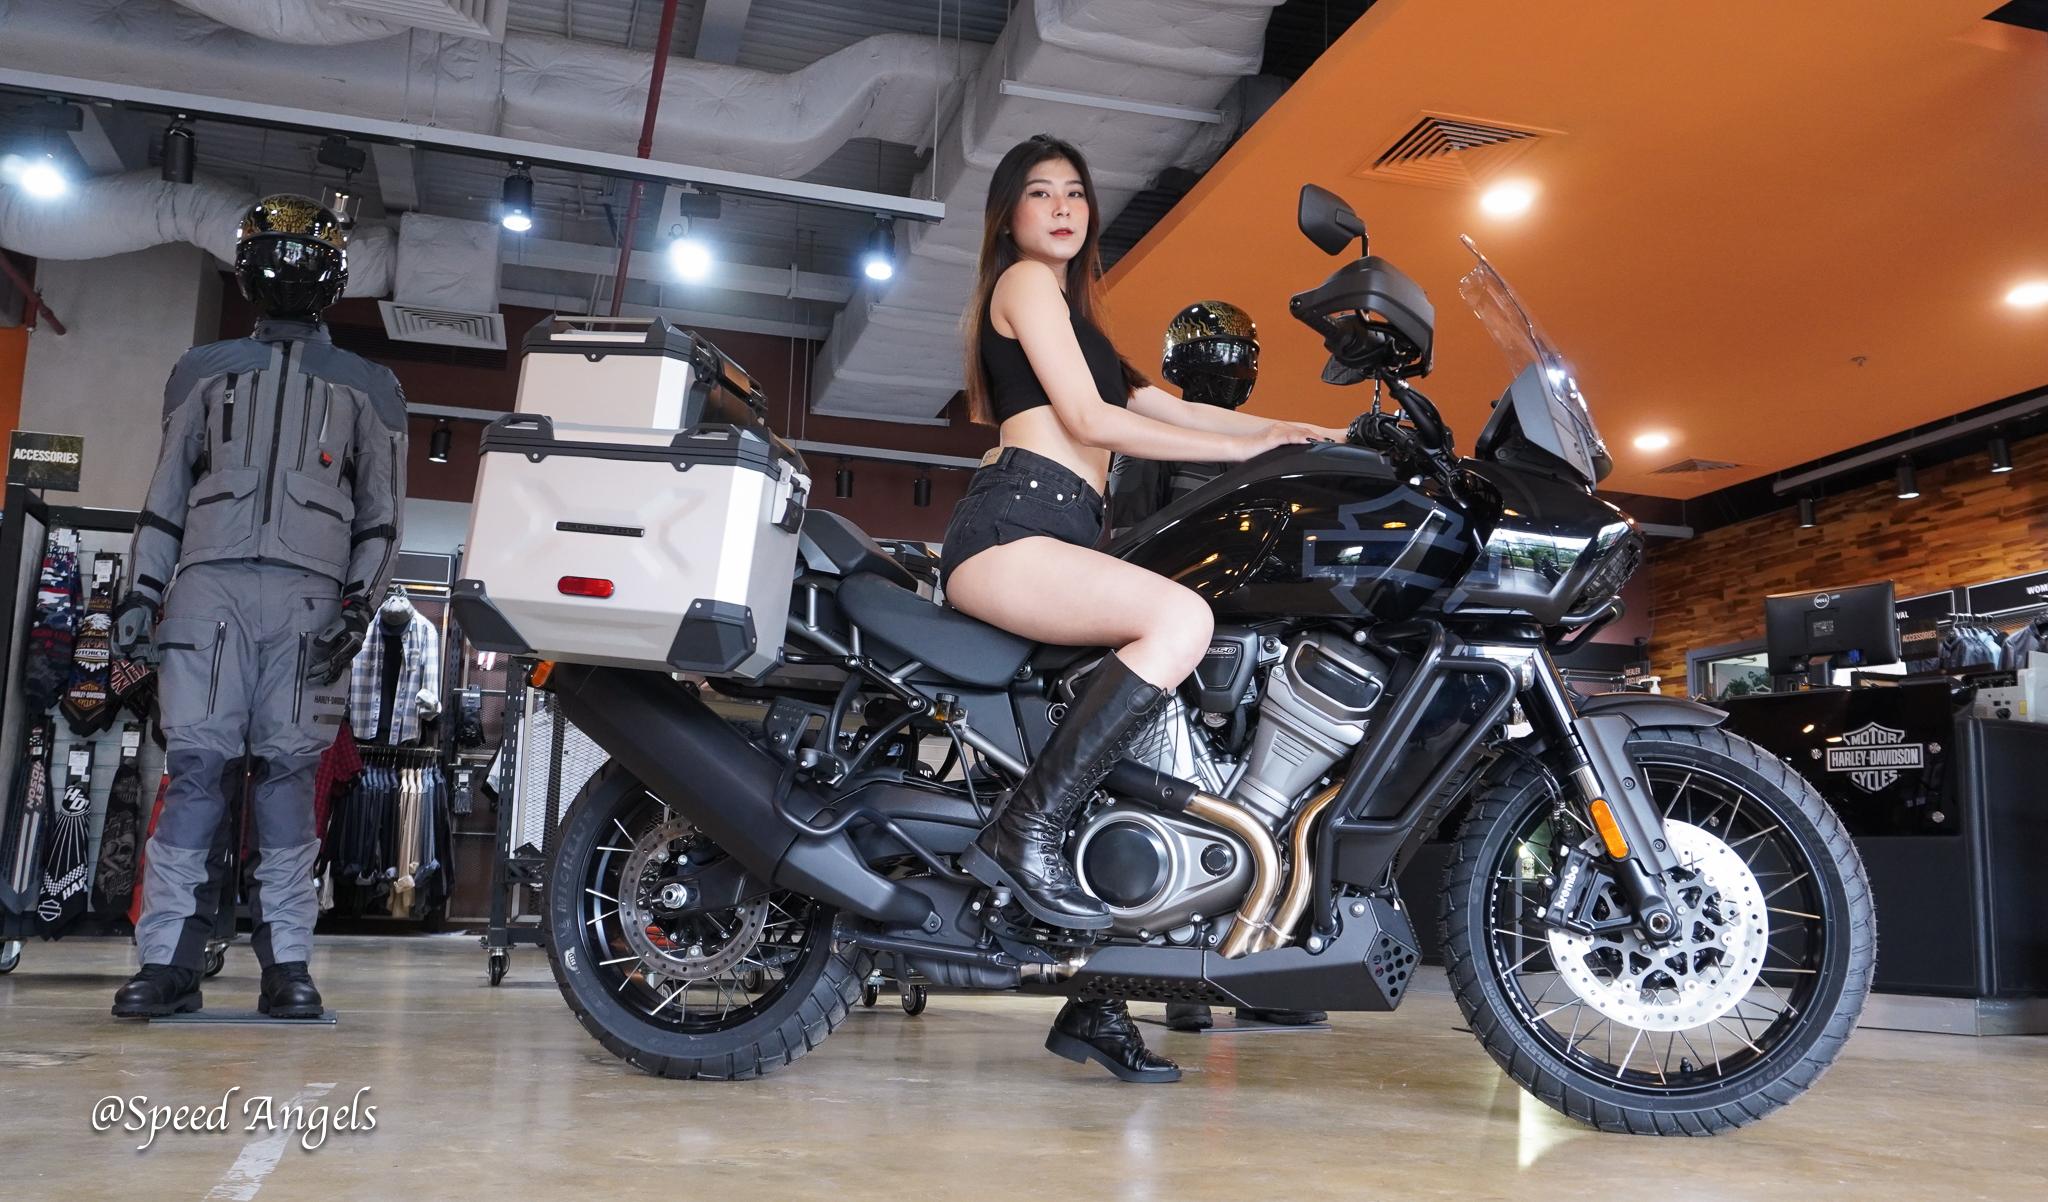 Speed Angels Tuệ Nghị & Harley-Davidson Pan America 1250 Special đã lắp đầy đủ phụ kiện chính hãng